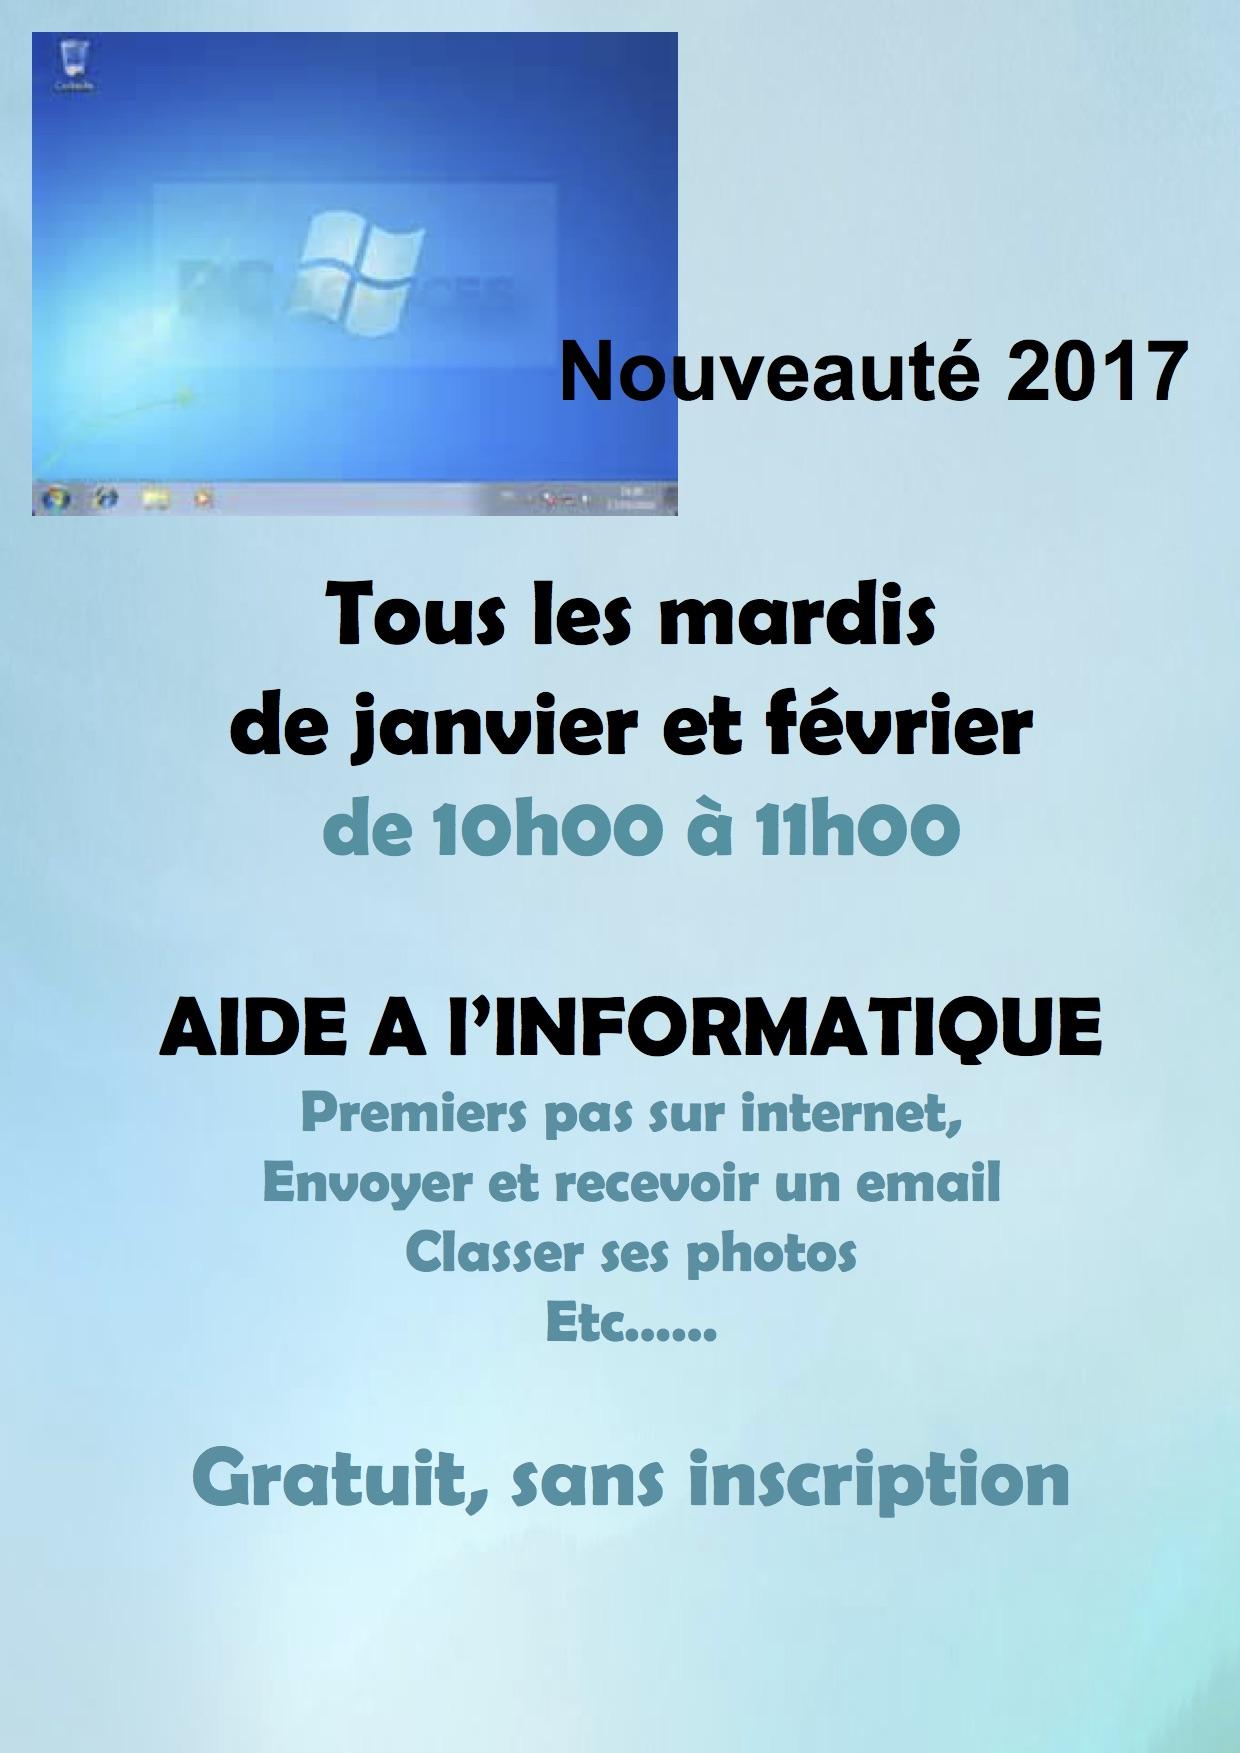 nouveaute-ateliers-infos